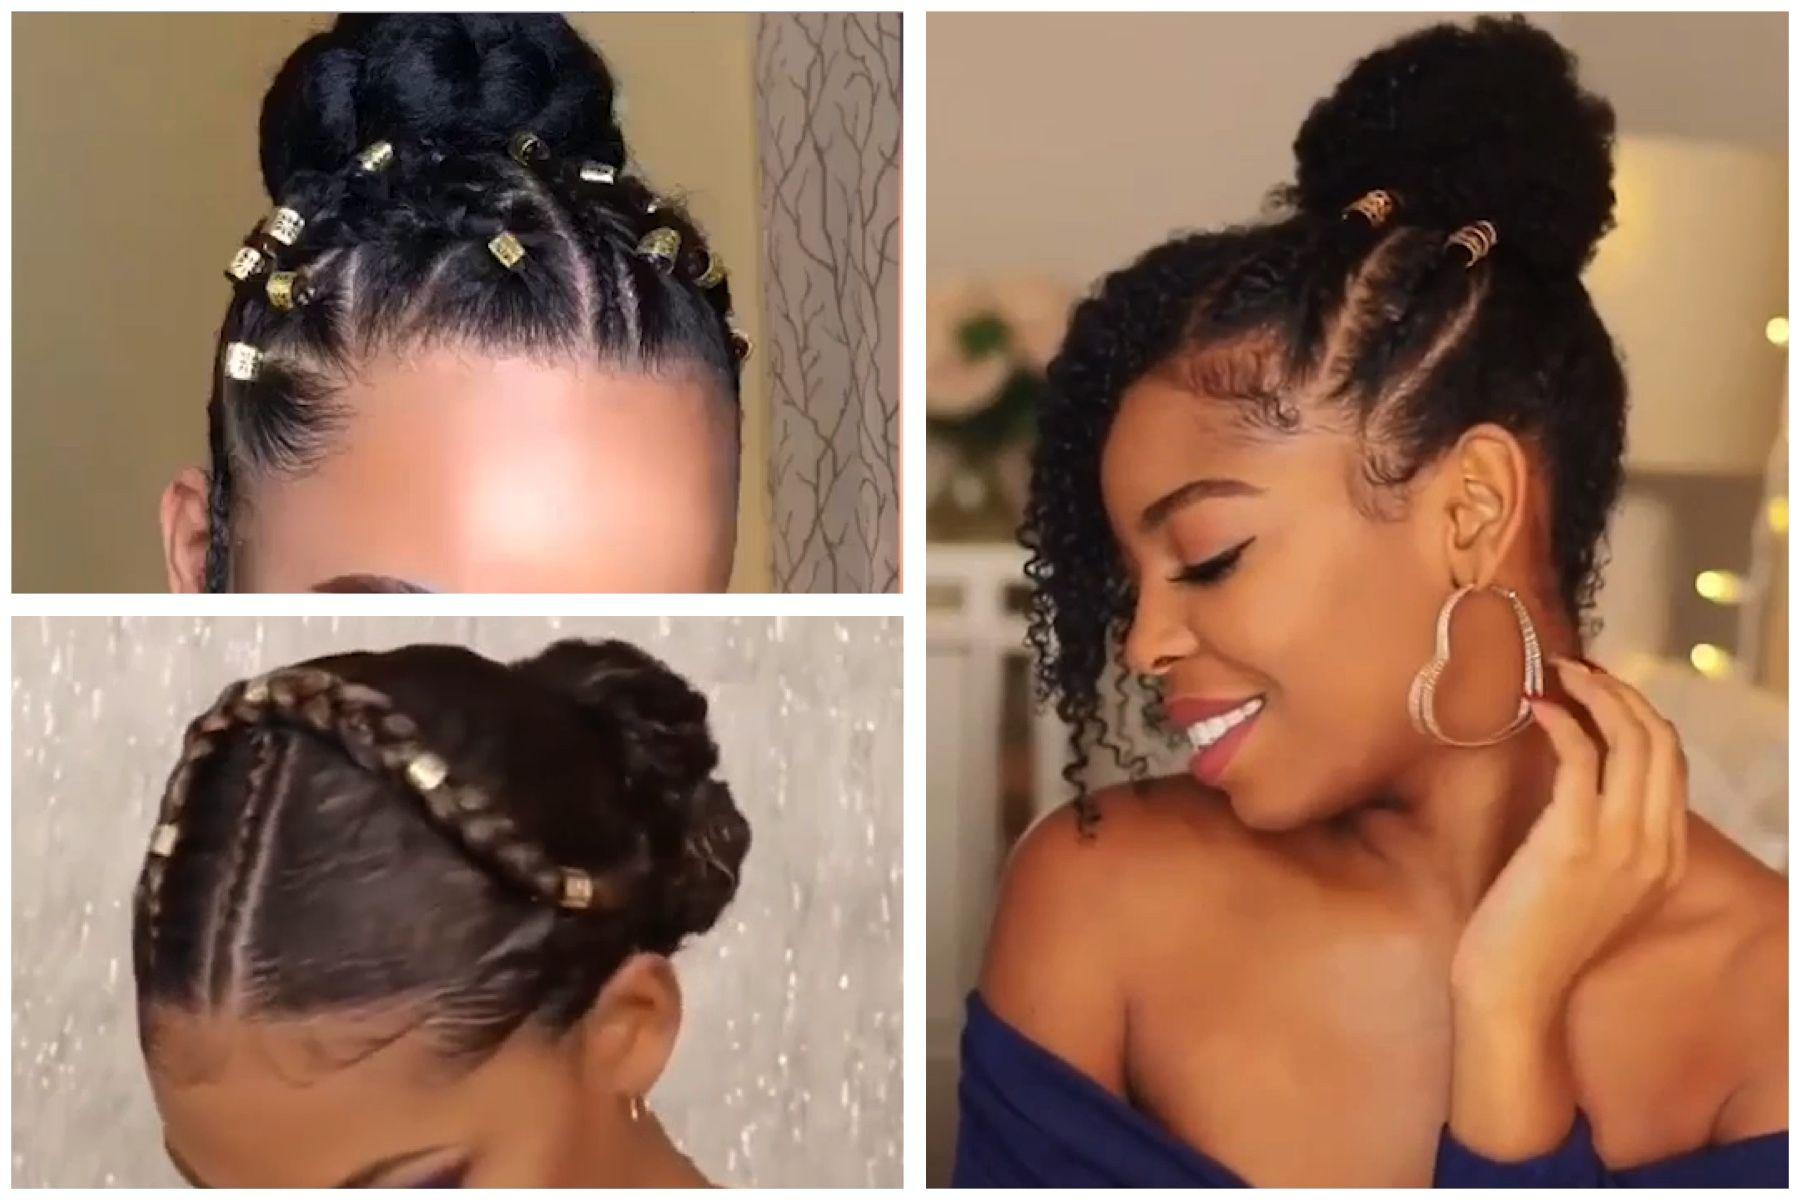 Not Your Ordinary Bun Beautiful Bun Hairstyles For Black Women High Bun Hairstyles Bun Hairstyles Black Women Hairstyles